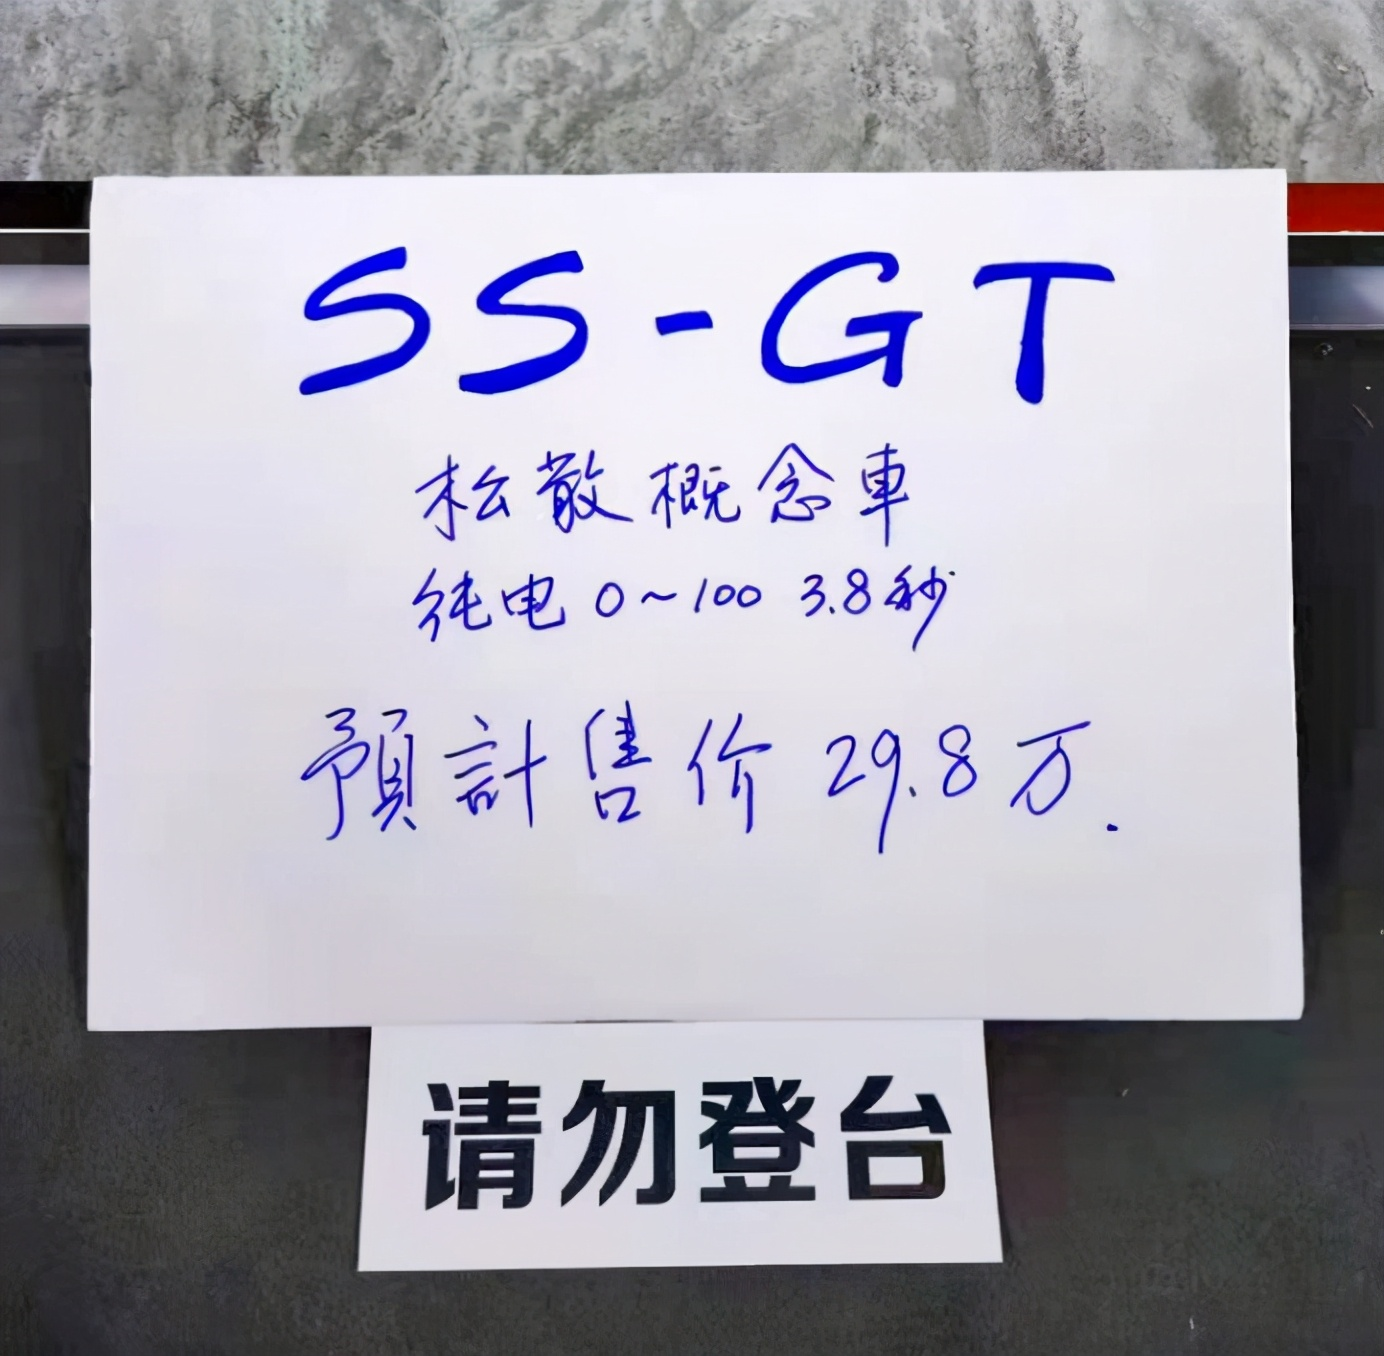 上海车展:纯电复古跑车SS GT亮相,剪刀门+四个座位